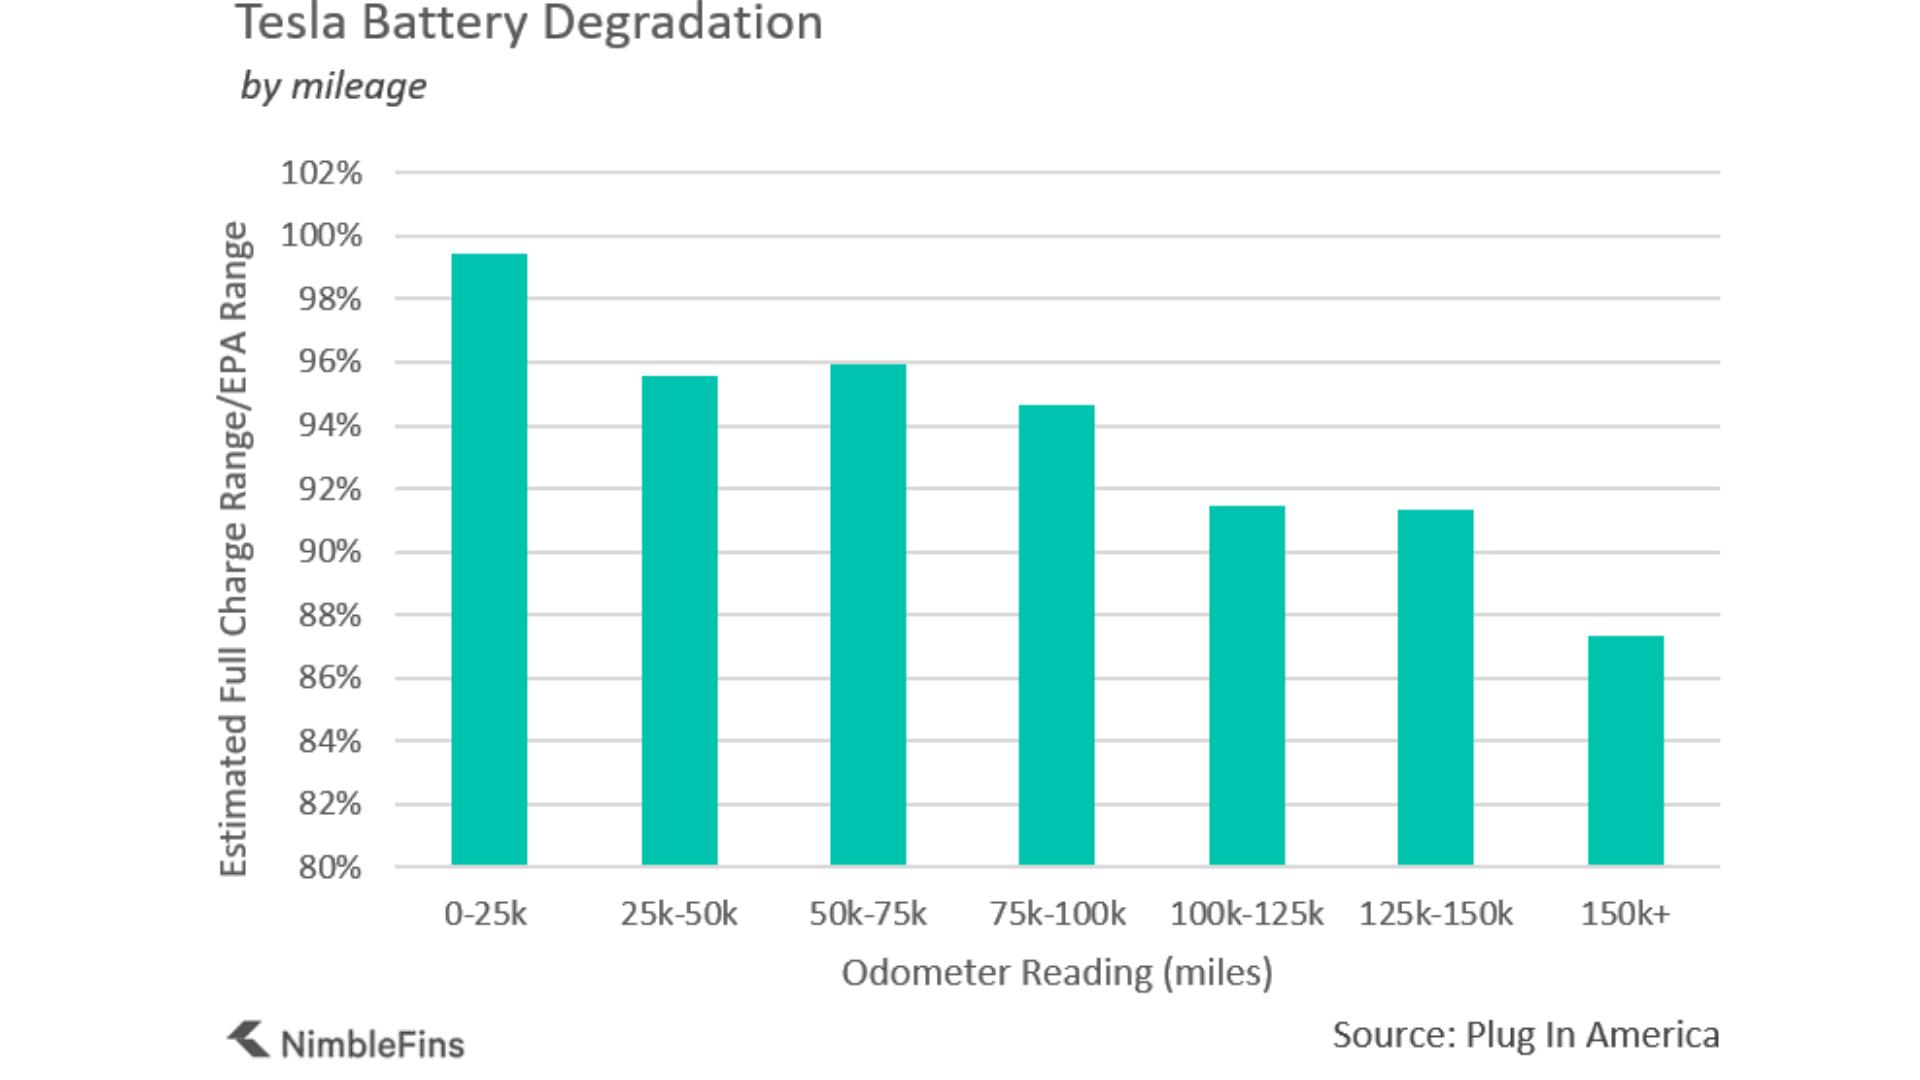 Tesla battery life loss